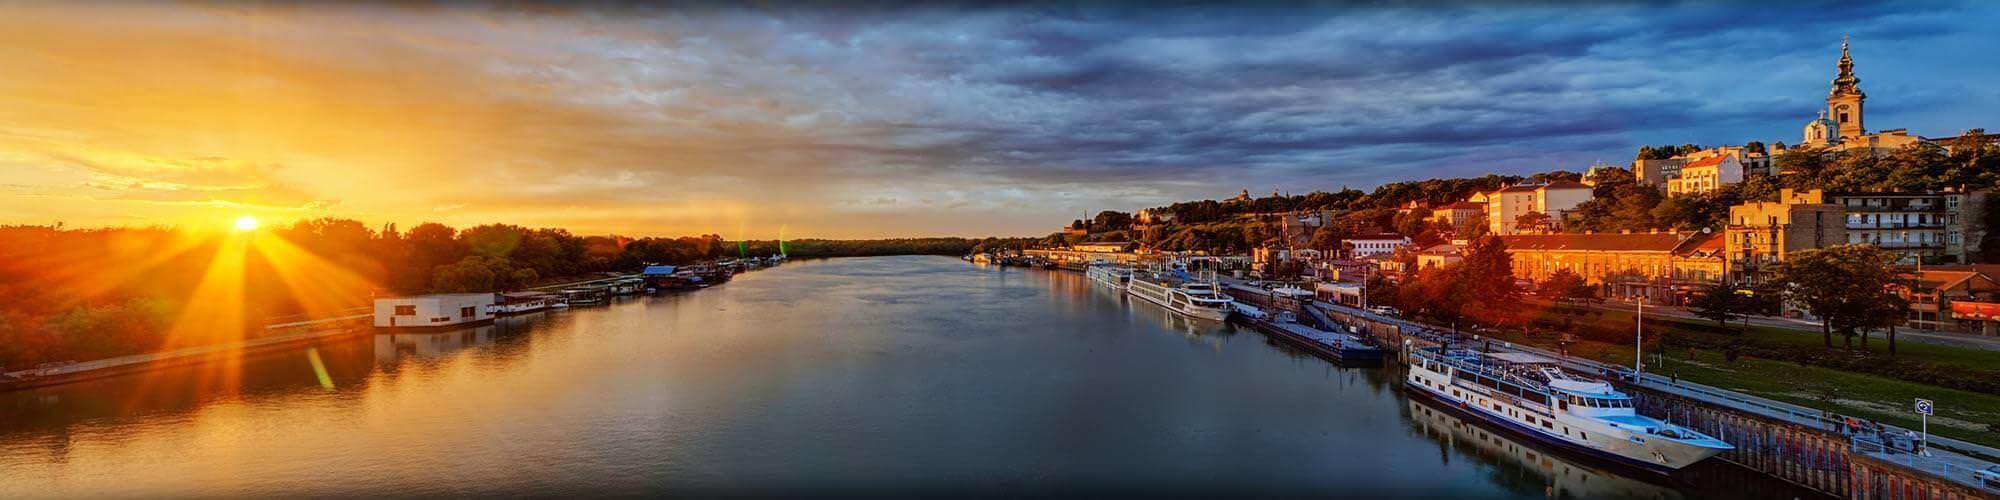 ویزای صربستان برداشته شد ، راهنمای اخذ اقامت و ویزای صربستان